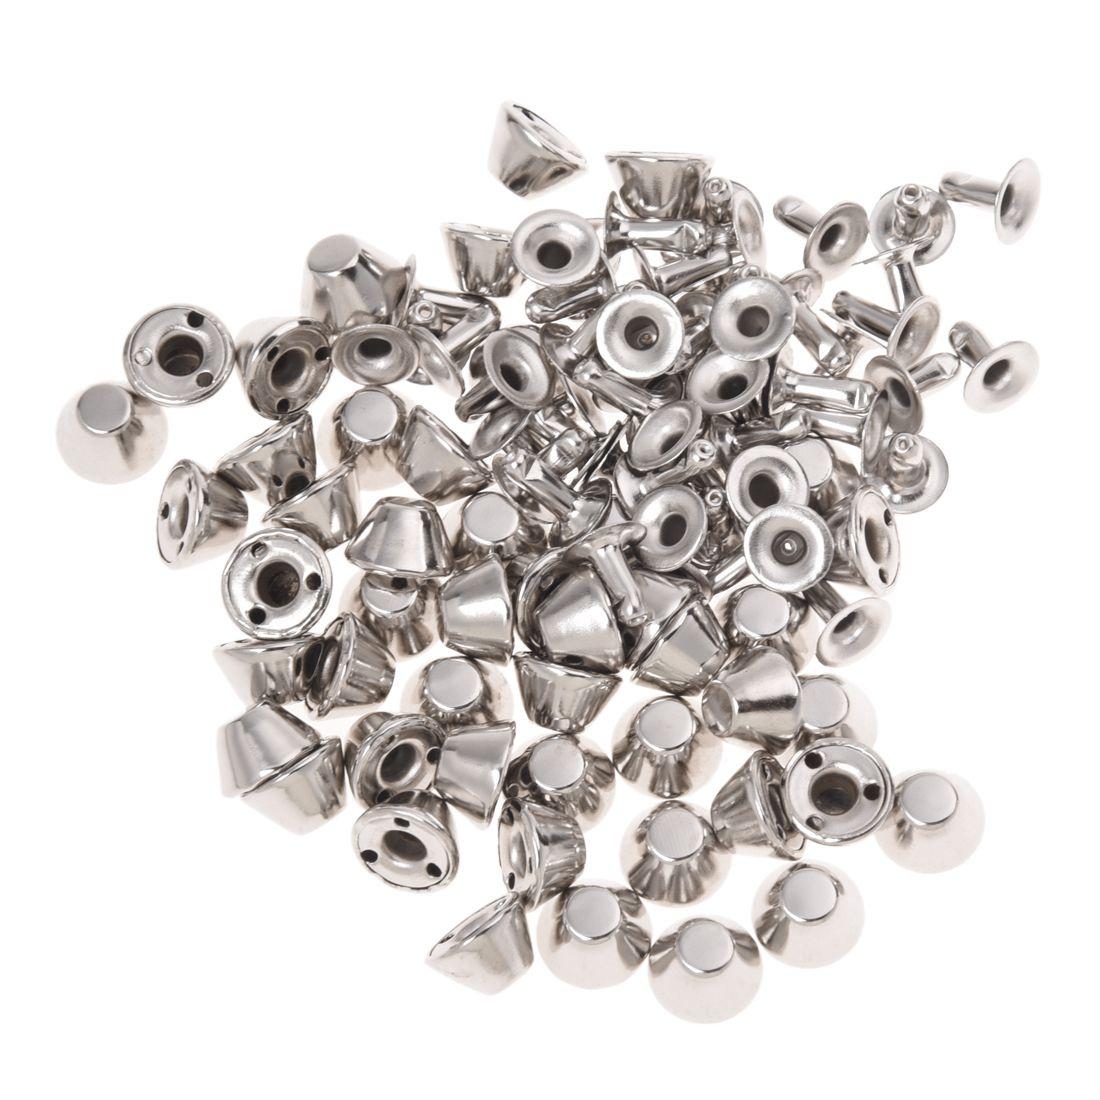 50 x remaches tachuelas bronce hierro color plata for Remaches de hierro